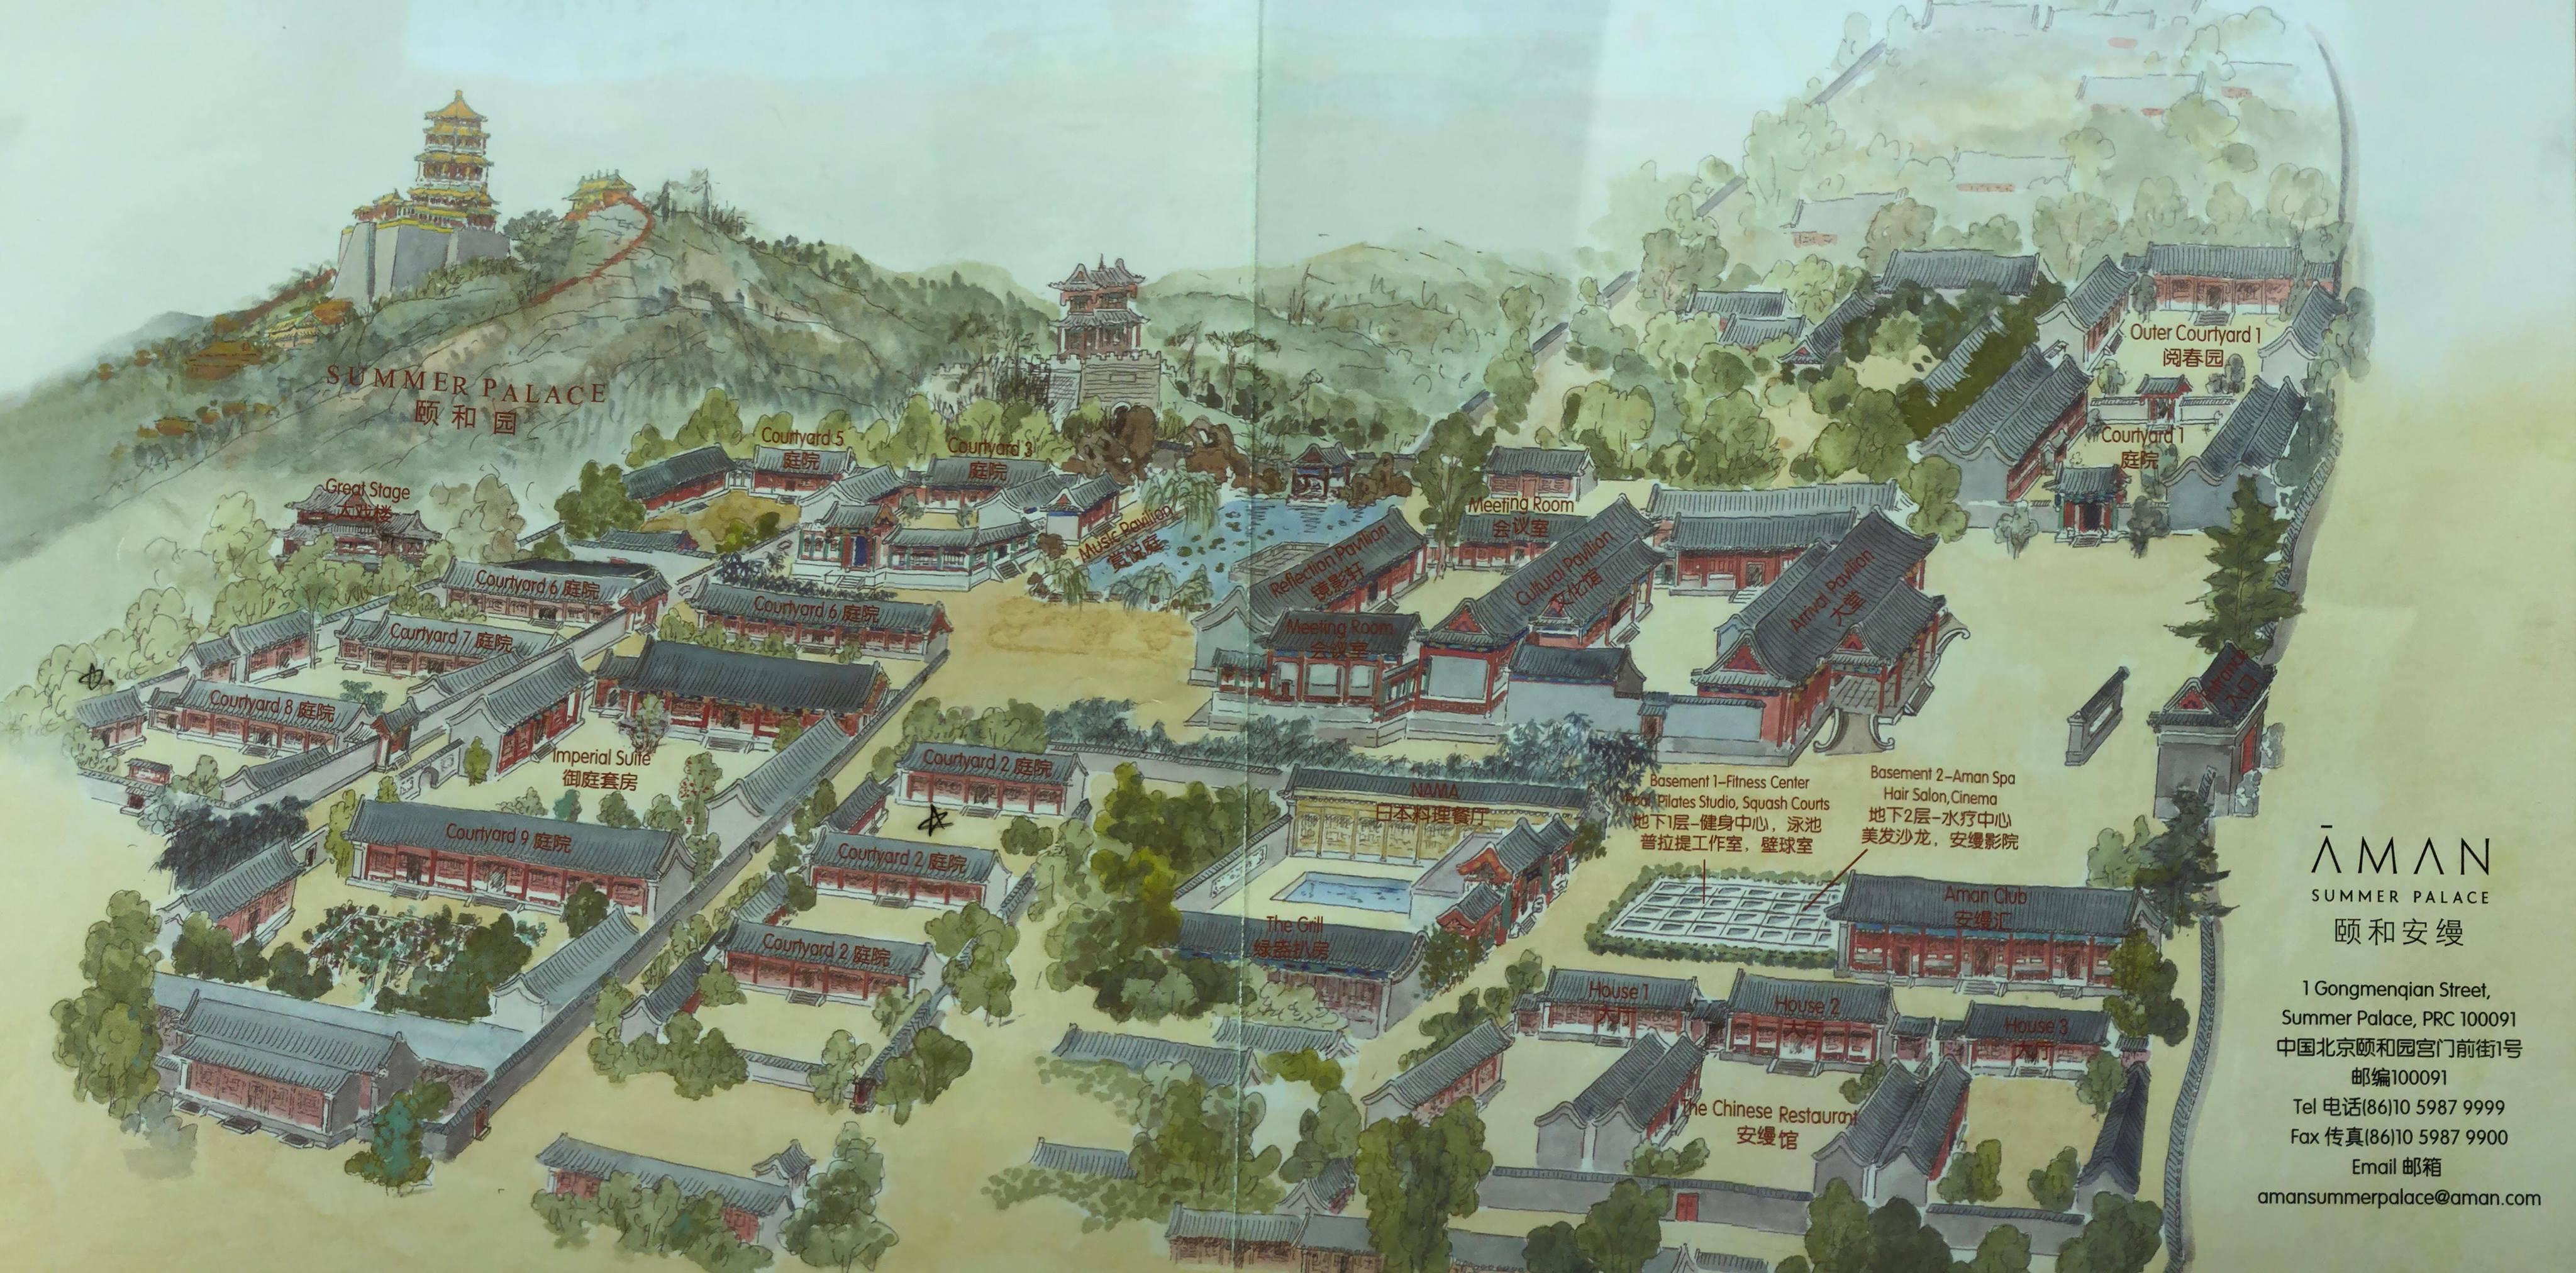 頤和安縵酒店(Aman Summer Palace)全景地圖